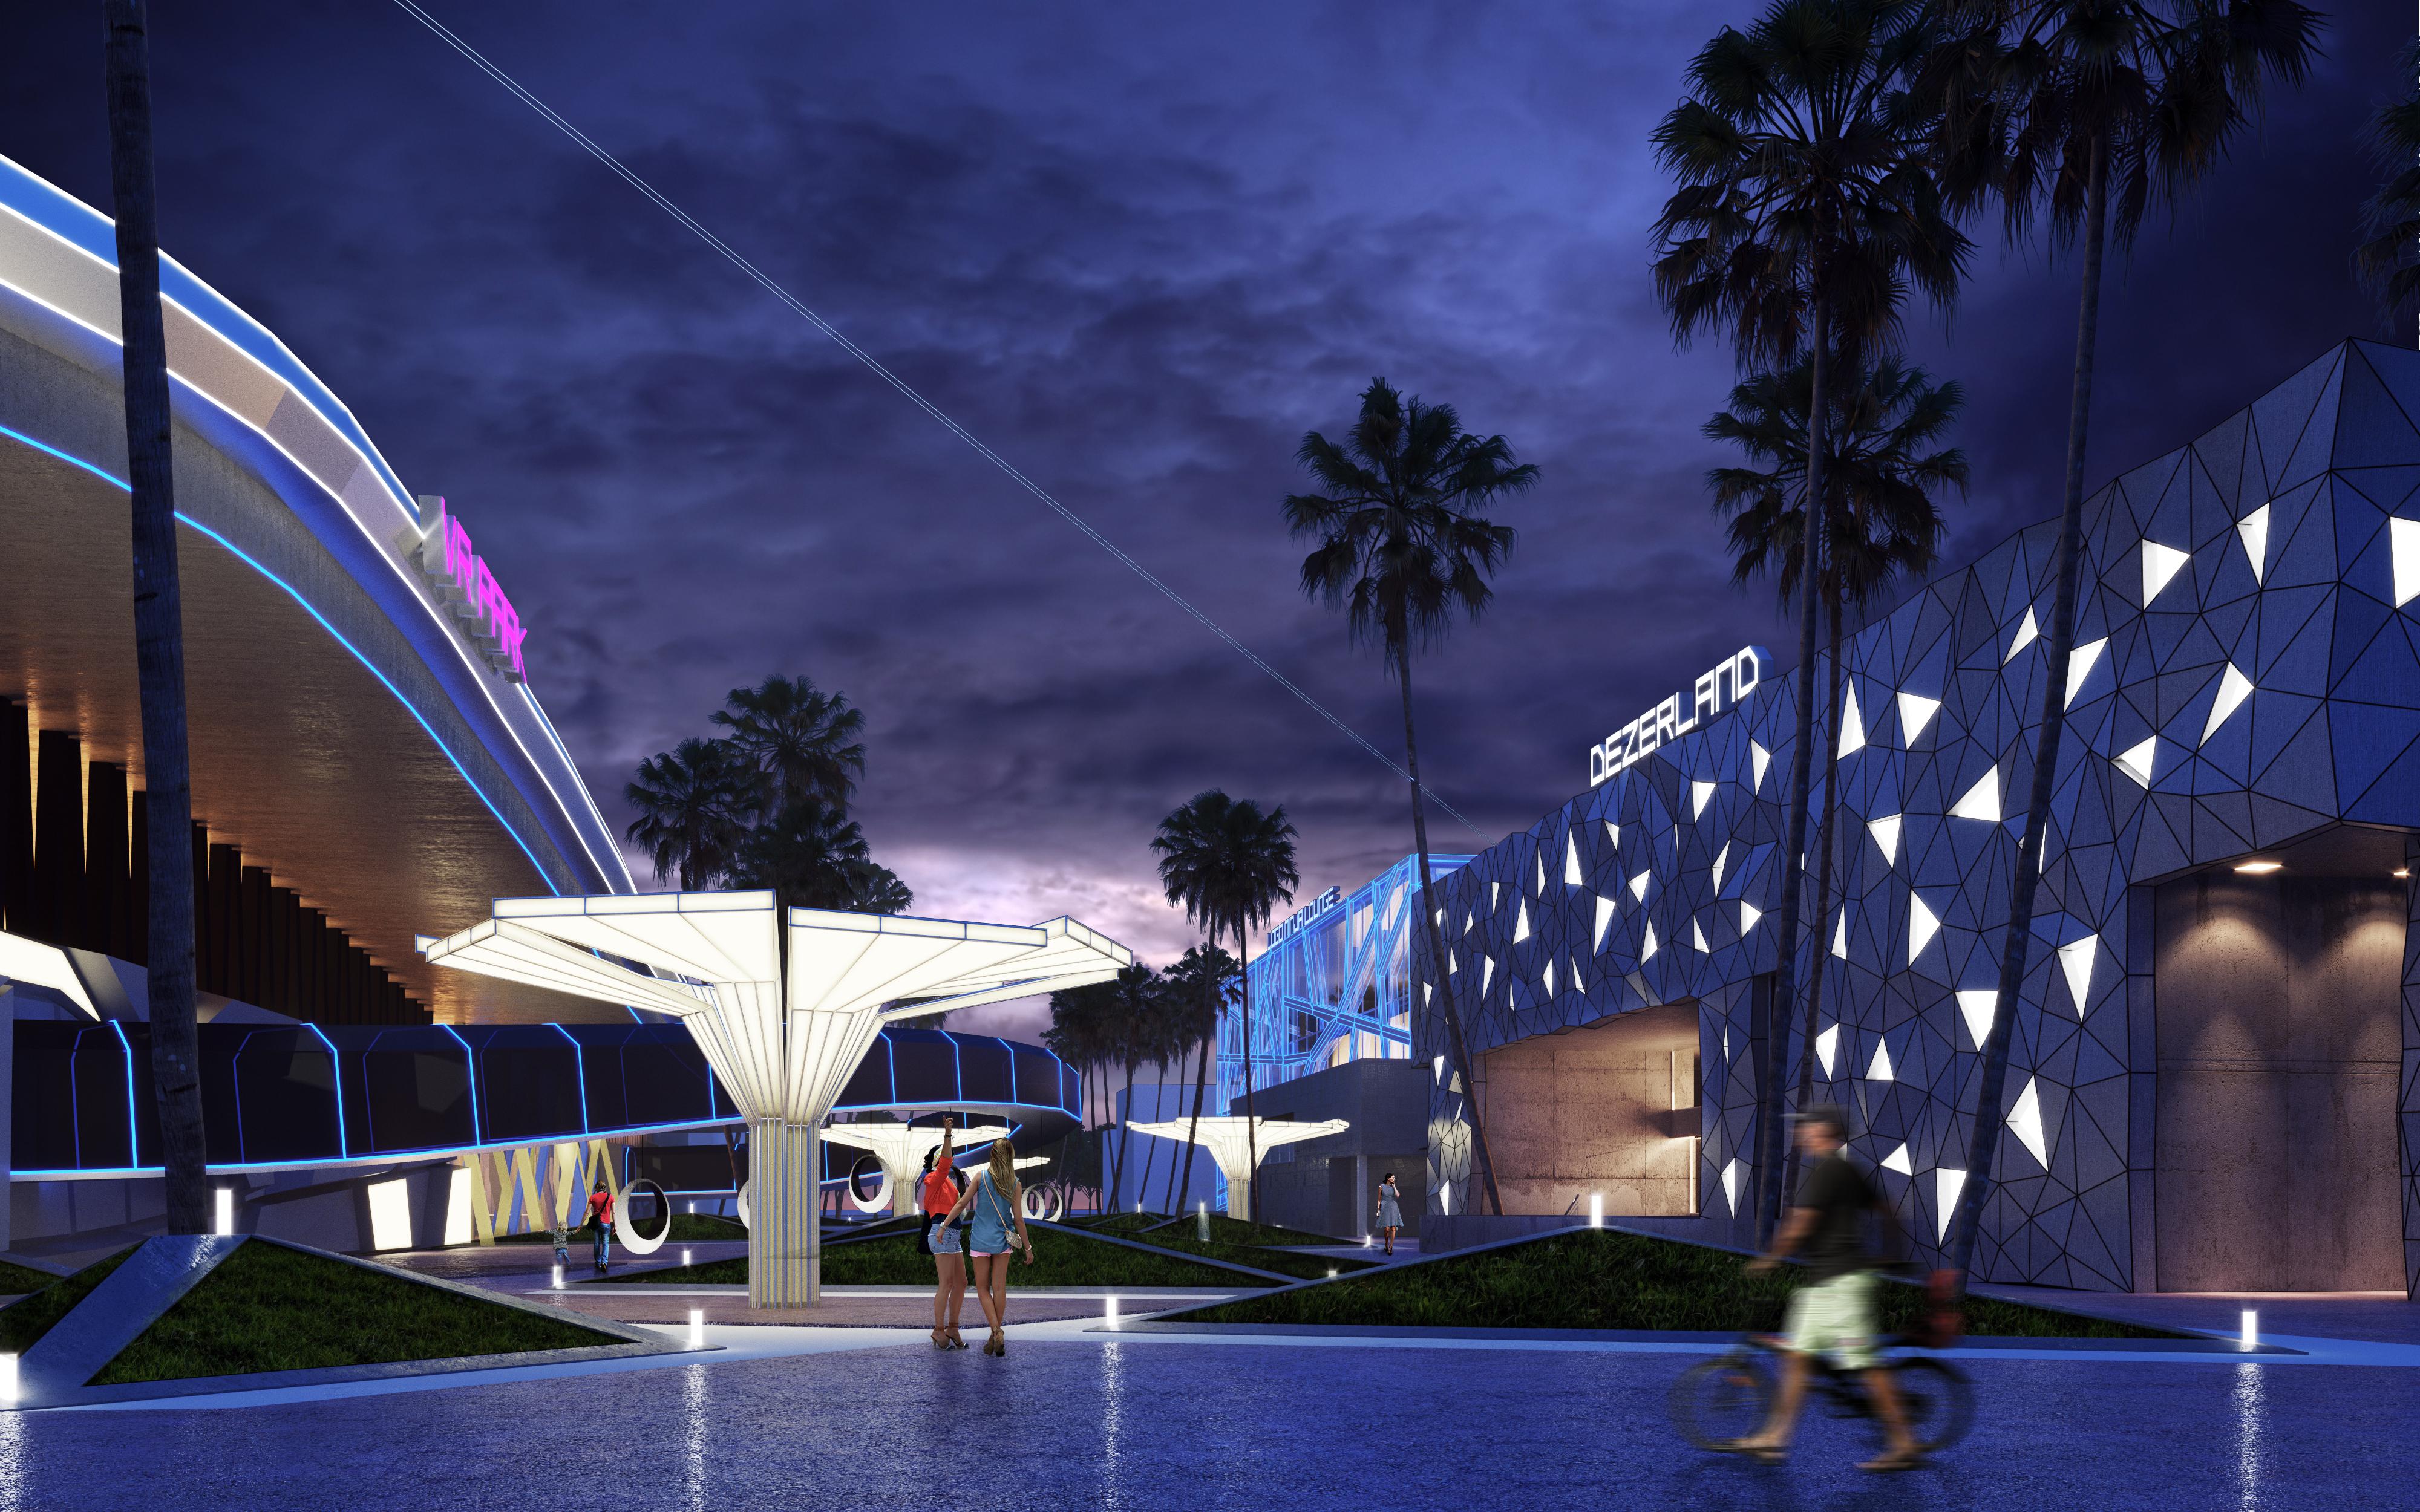 Miami VR Park